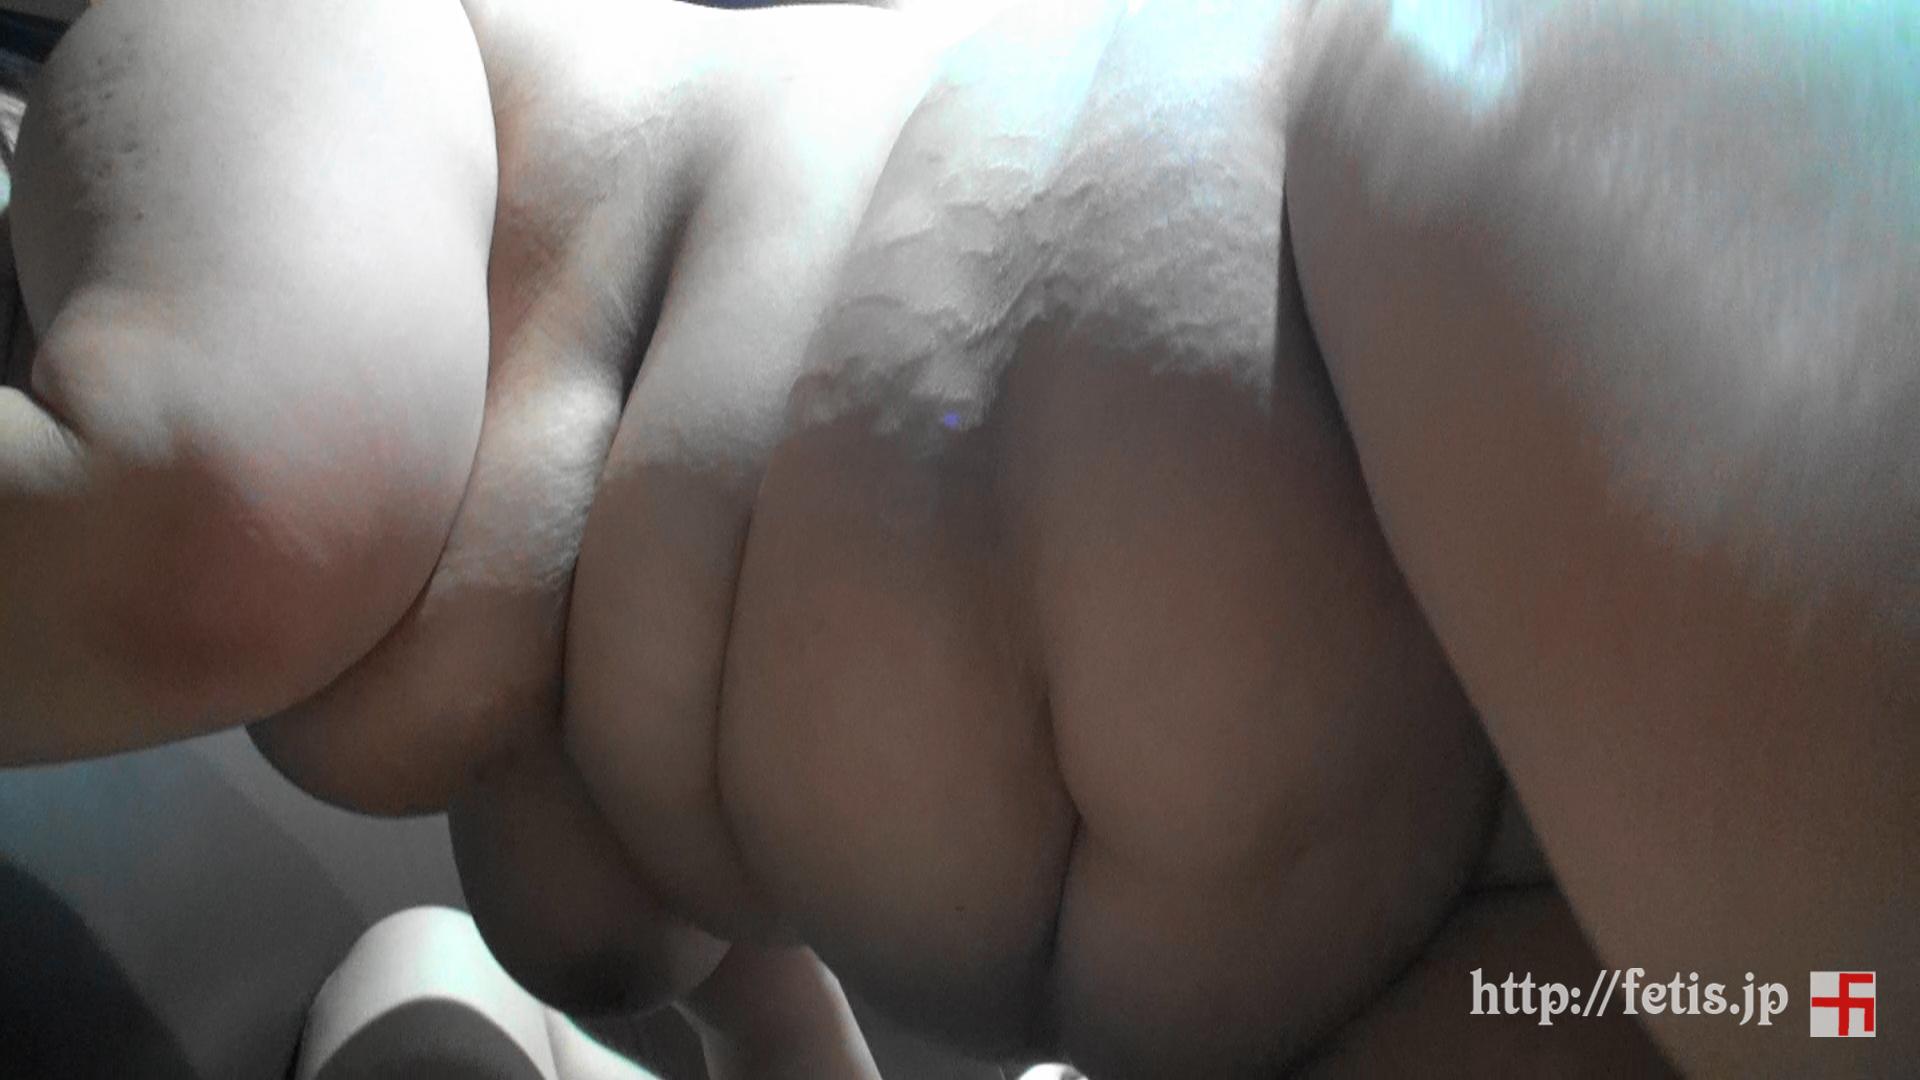 デブ女しか愛せない男達23 [転載禁止]©bbspink.comYouTube動画>5本 ->画像>189枚